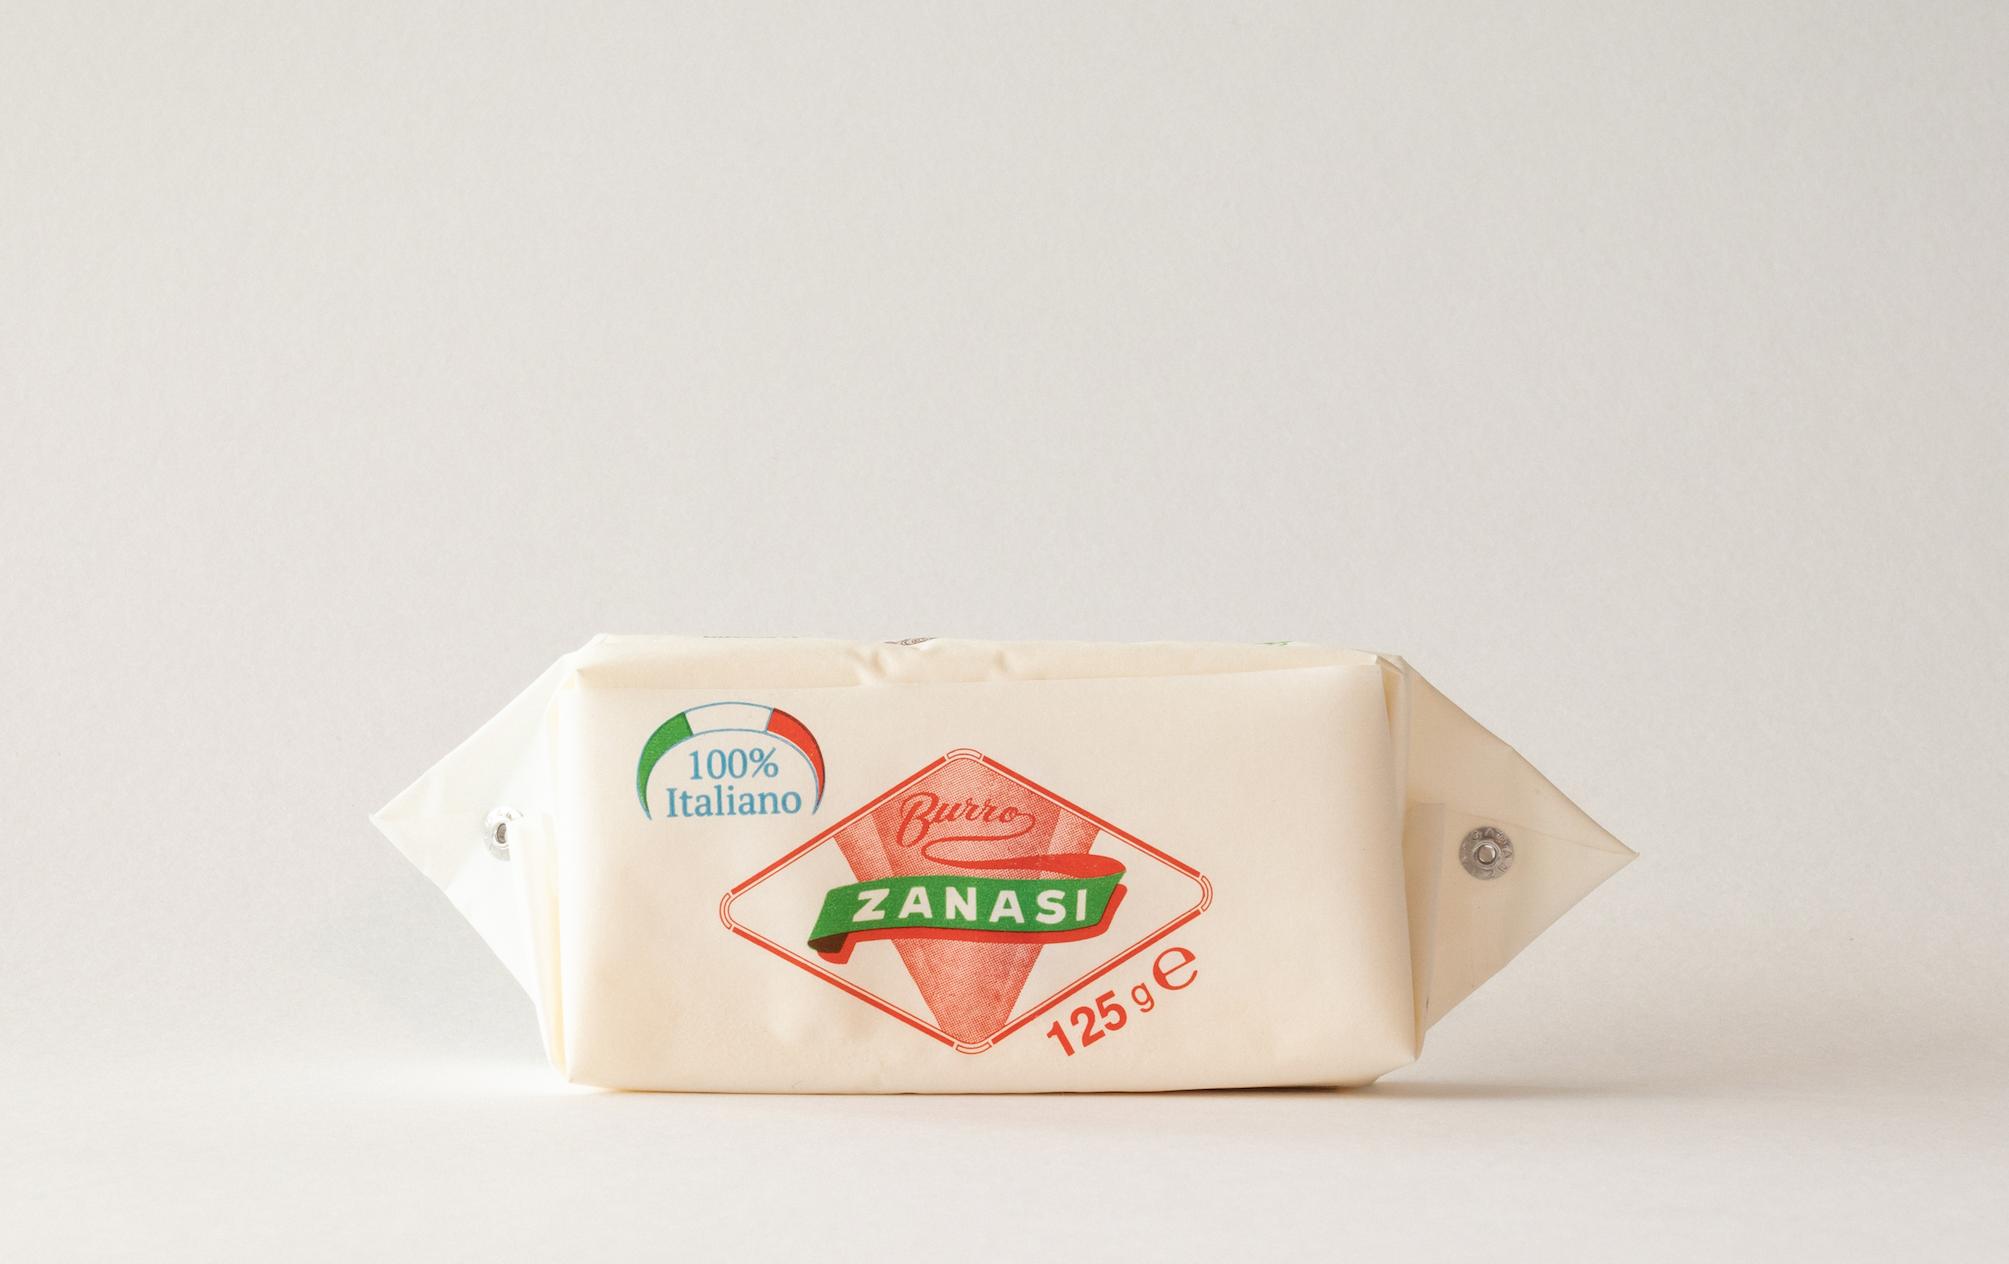 Burro Zanasi 125gr - Uno degli storici formati del marchio, prodotto da panne 100% italiane.